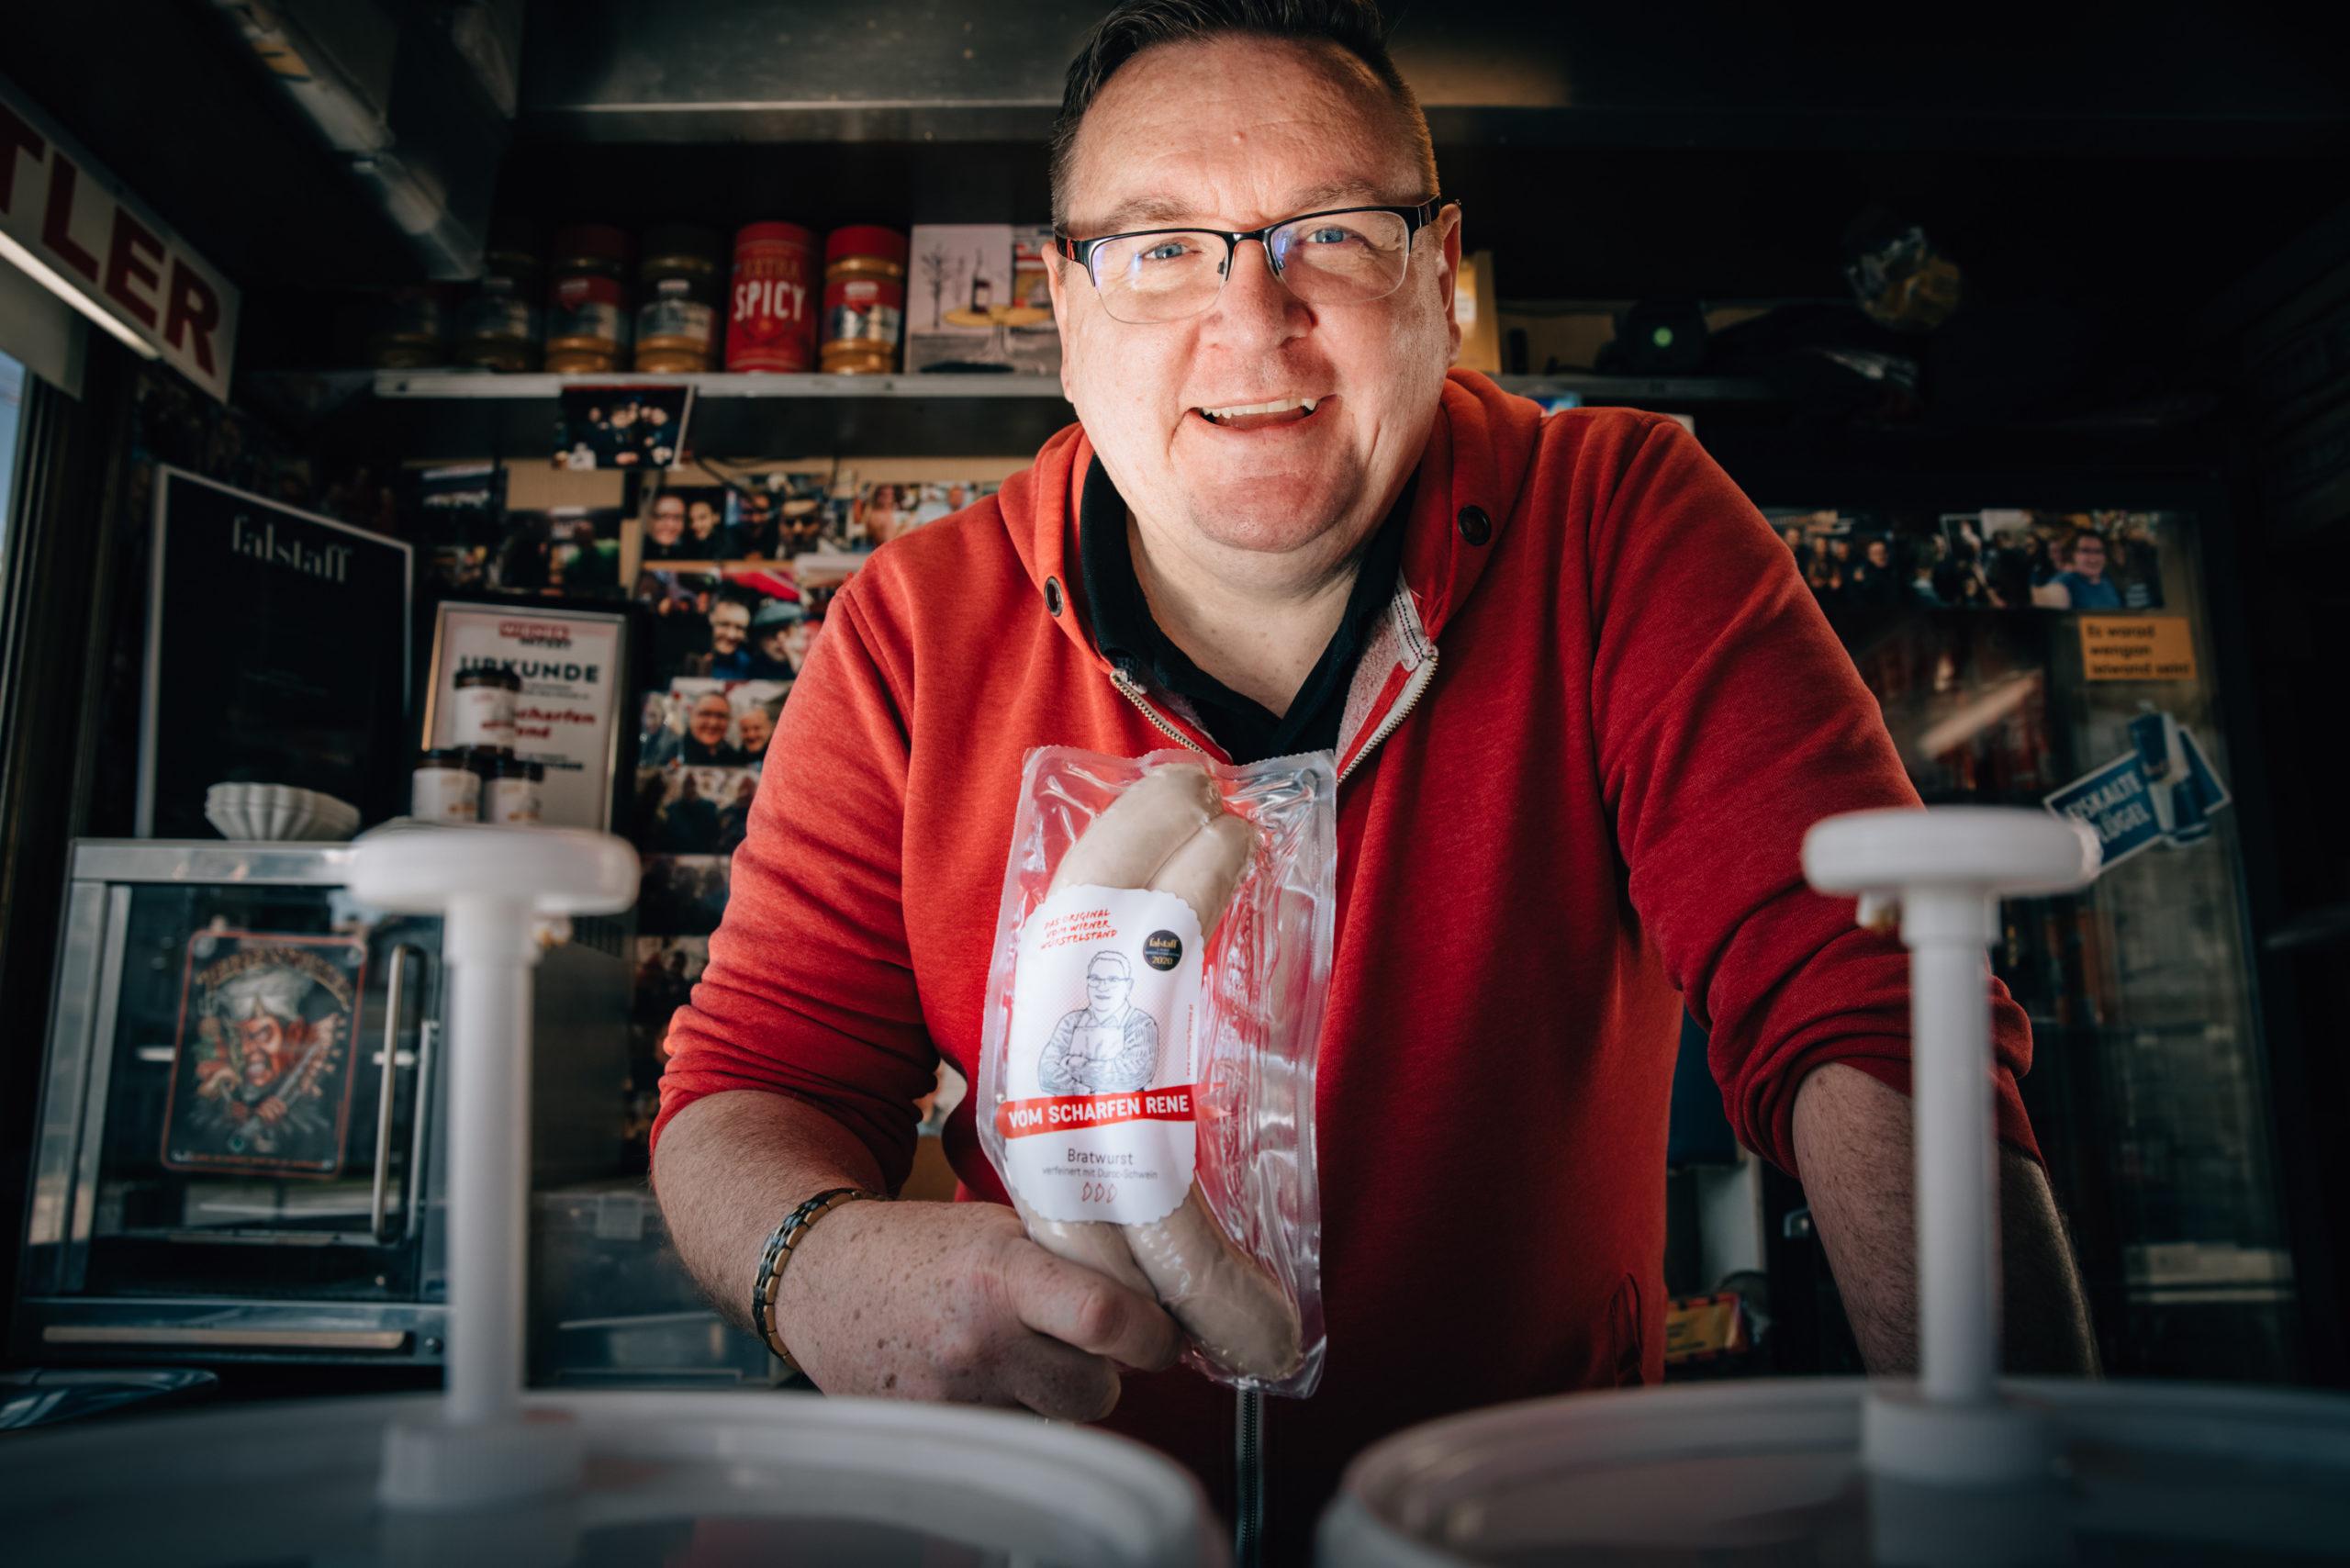 Würstelstandler Rene Kachlir. © Rene Kachlir